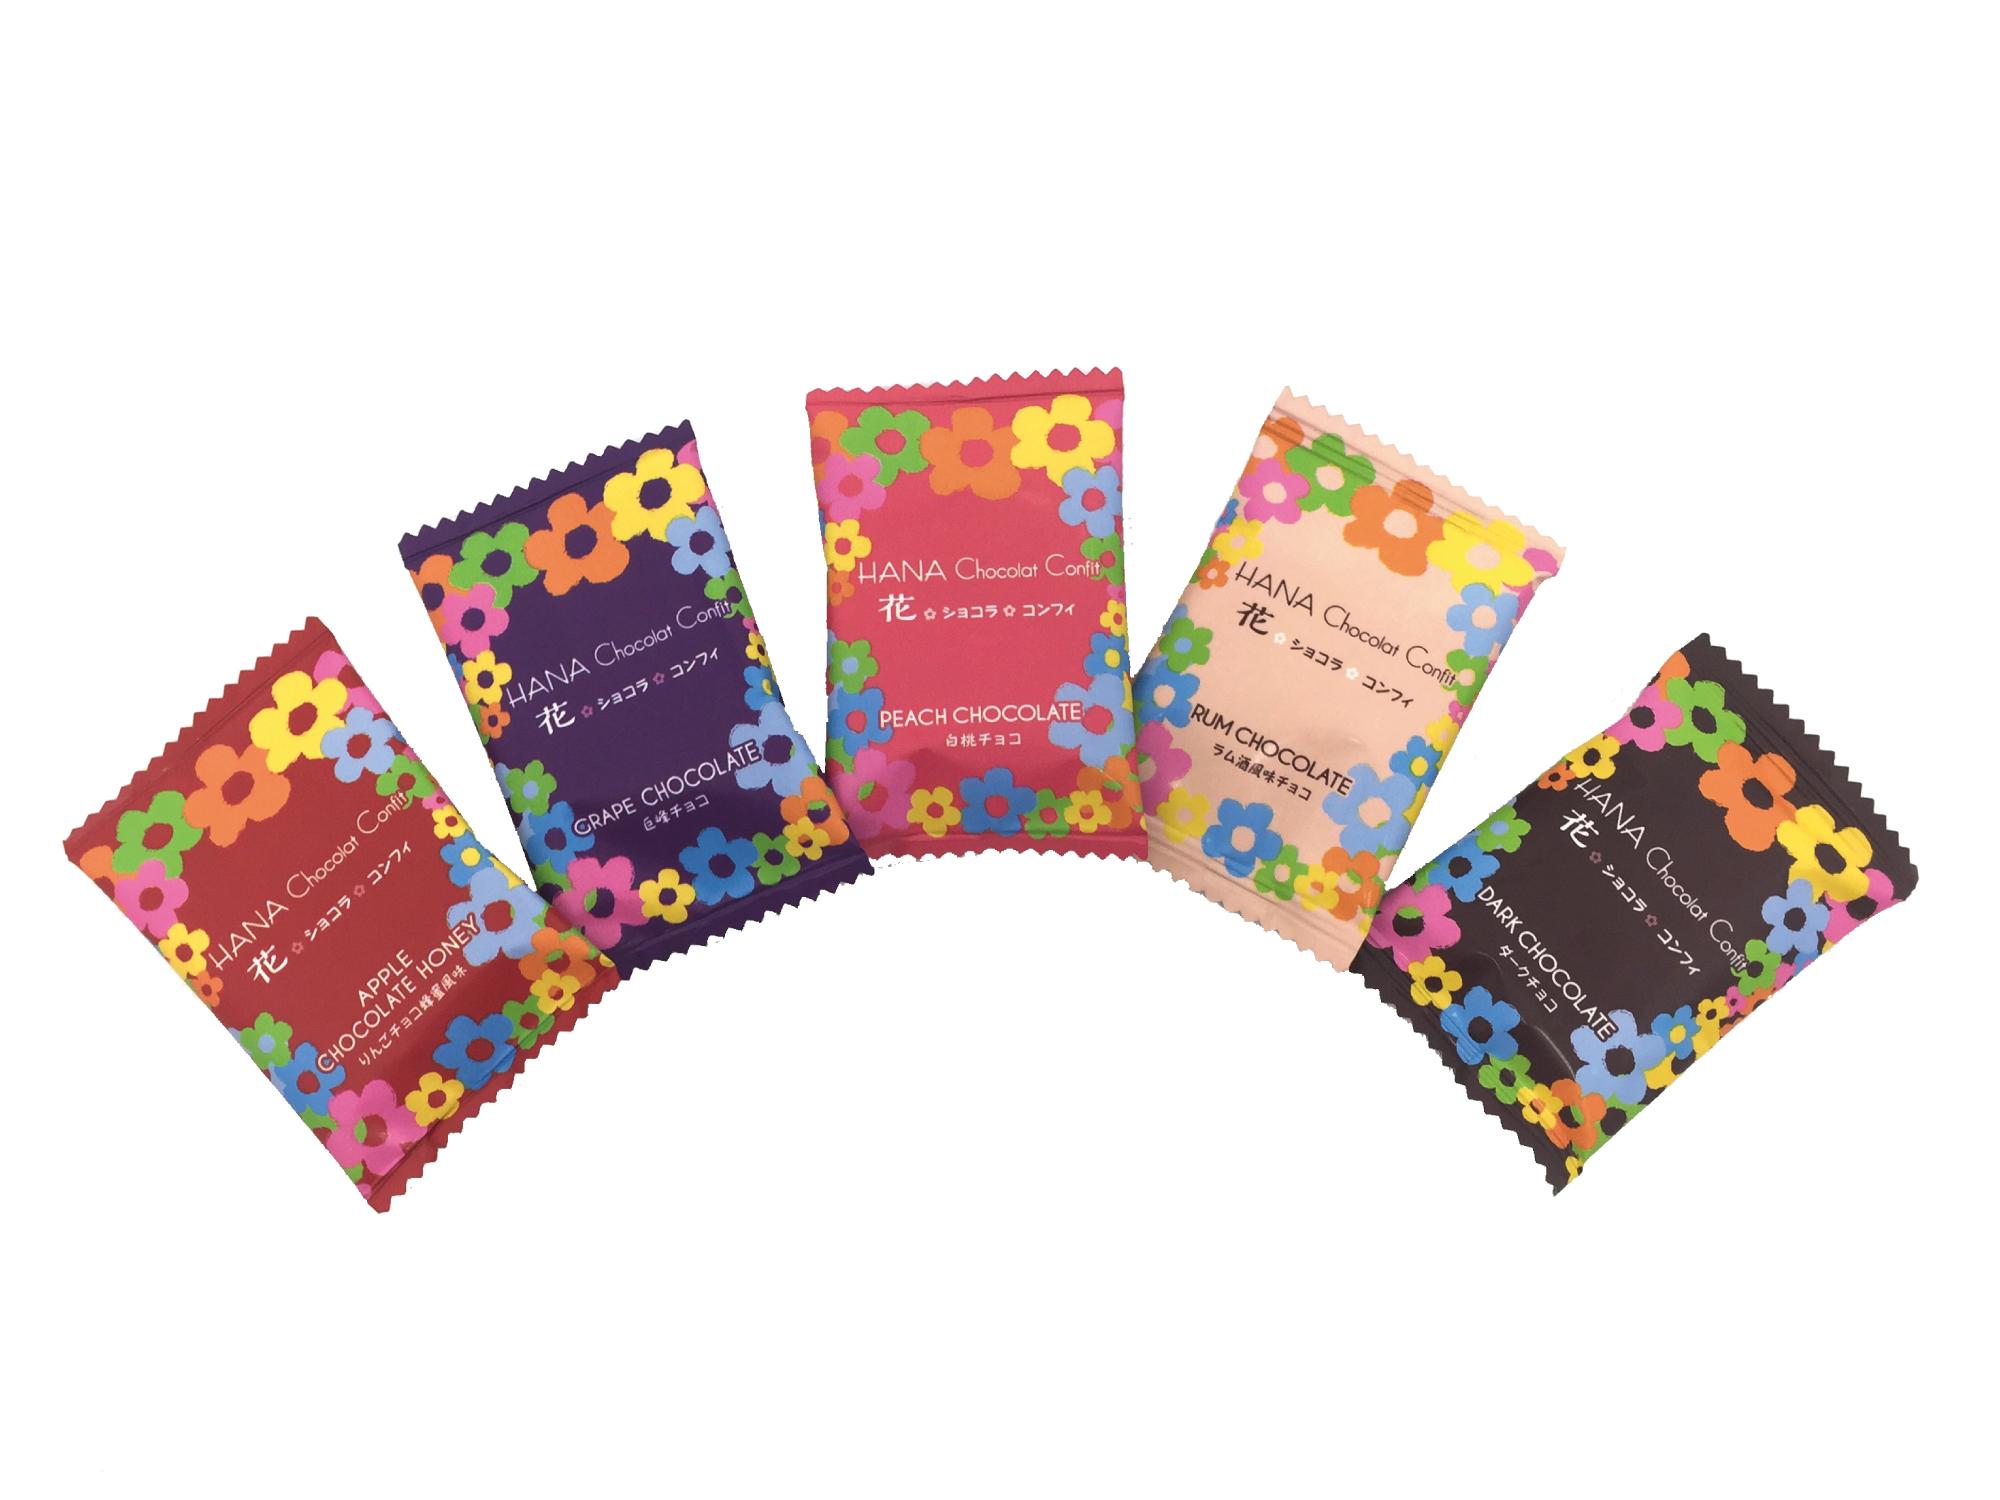 花ショコラコンフィ 華やかなパッケージでお配りにもおすすめです